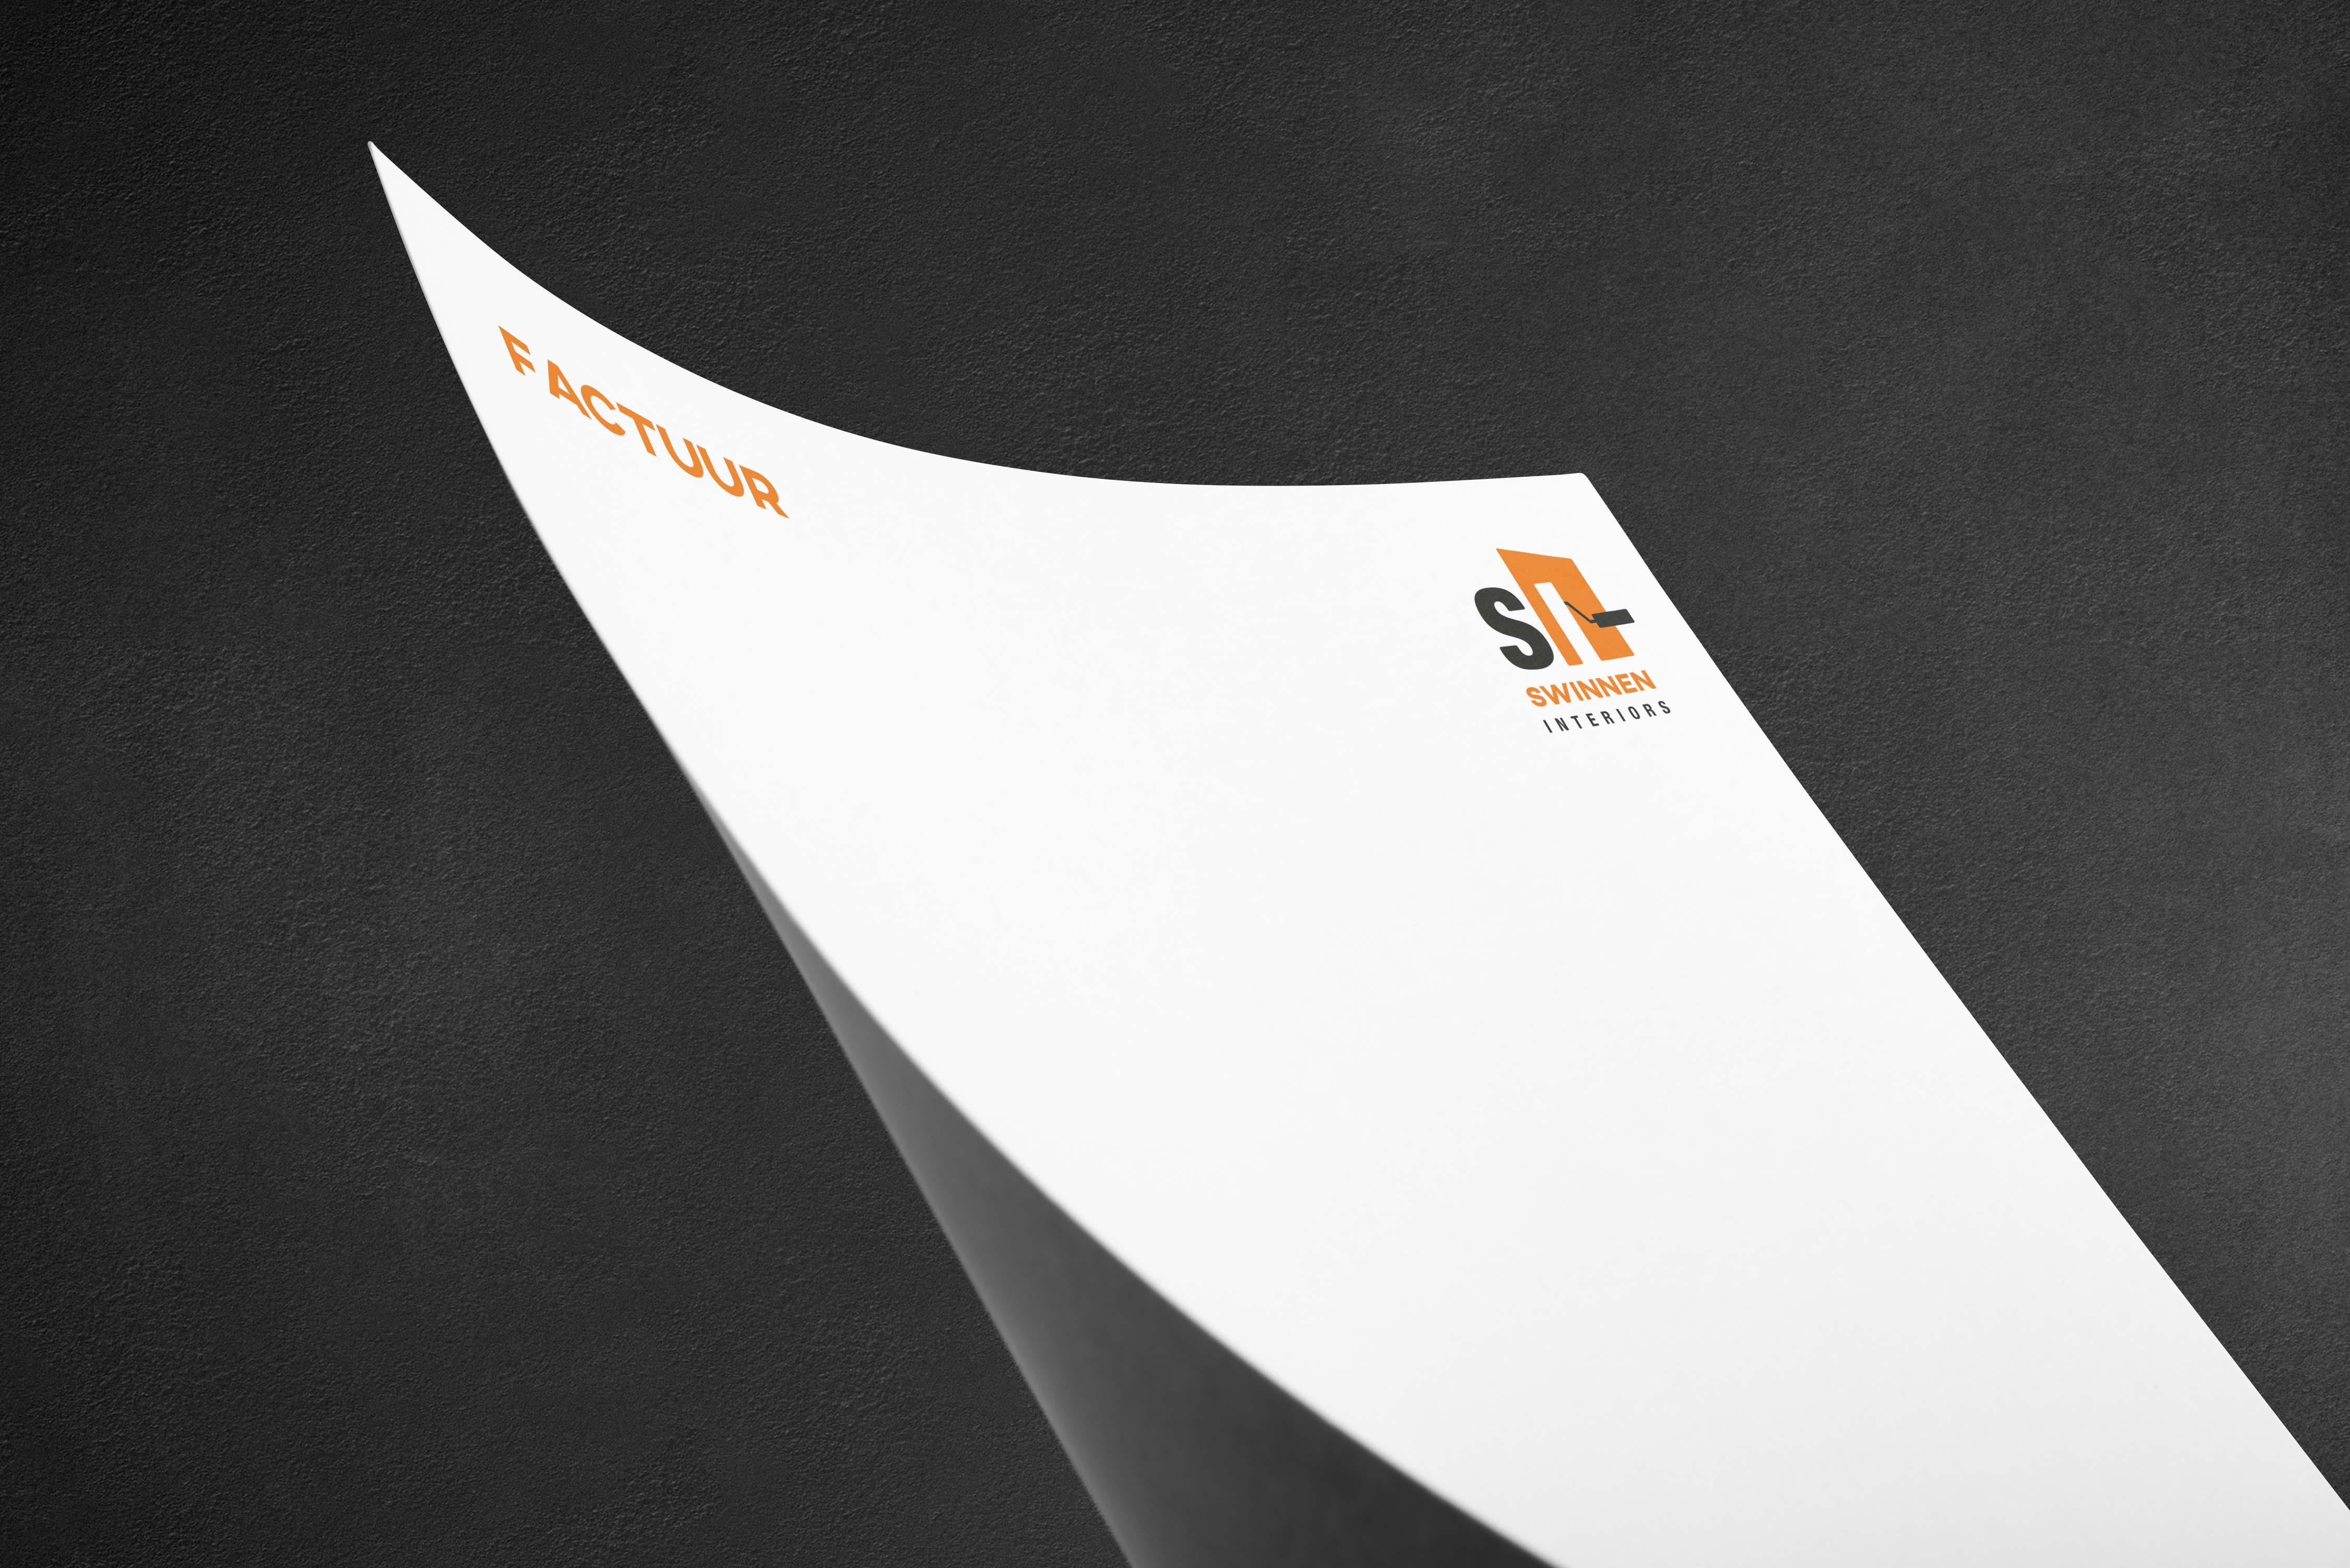 factuur close up design Swinnen Interiors